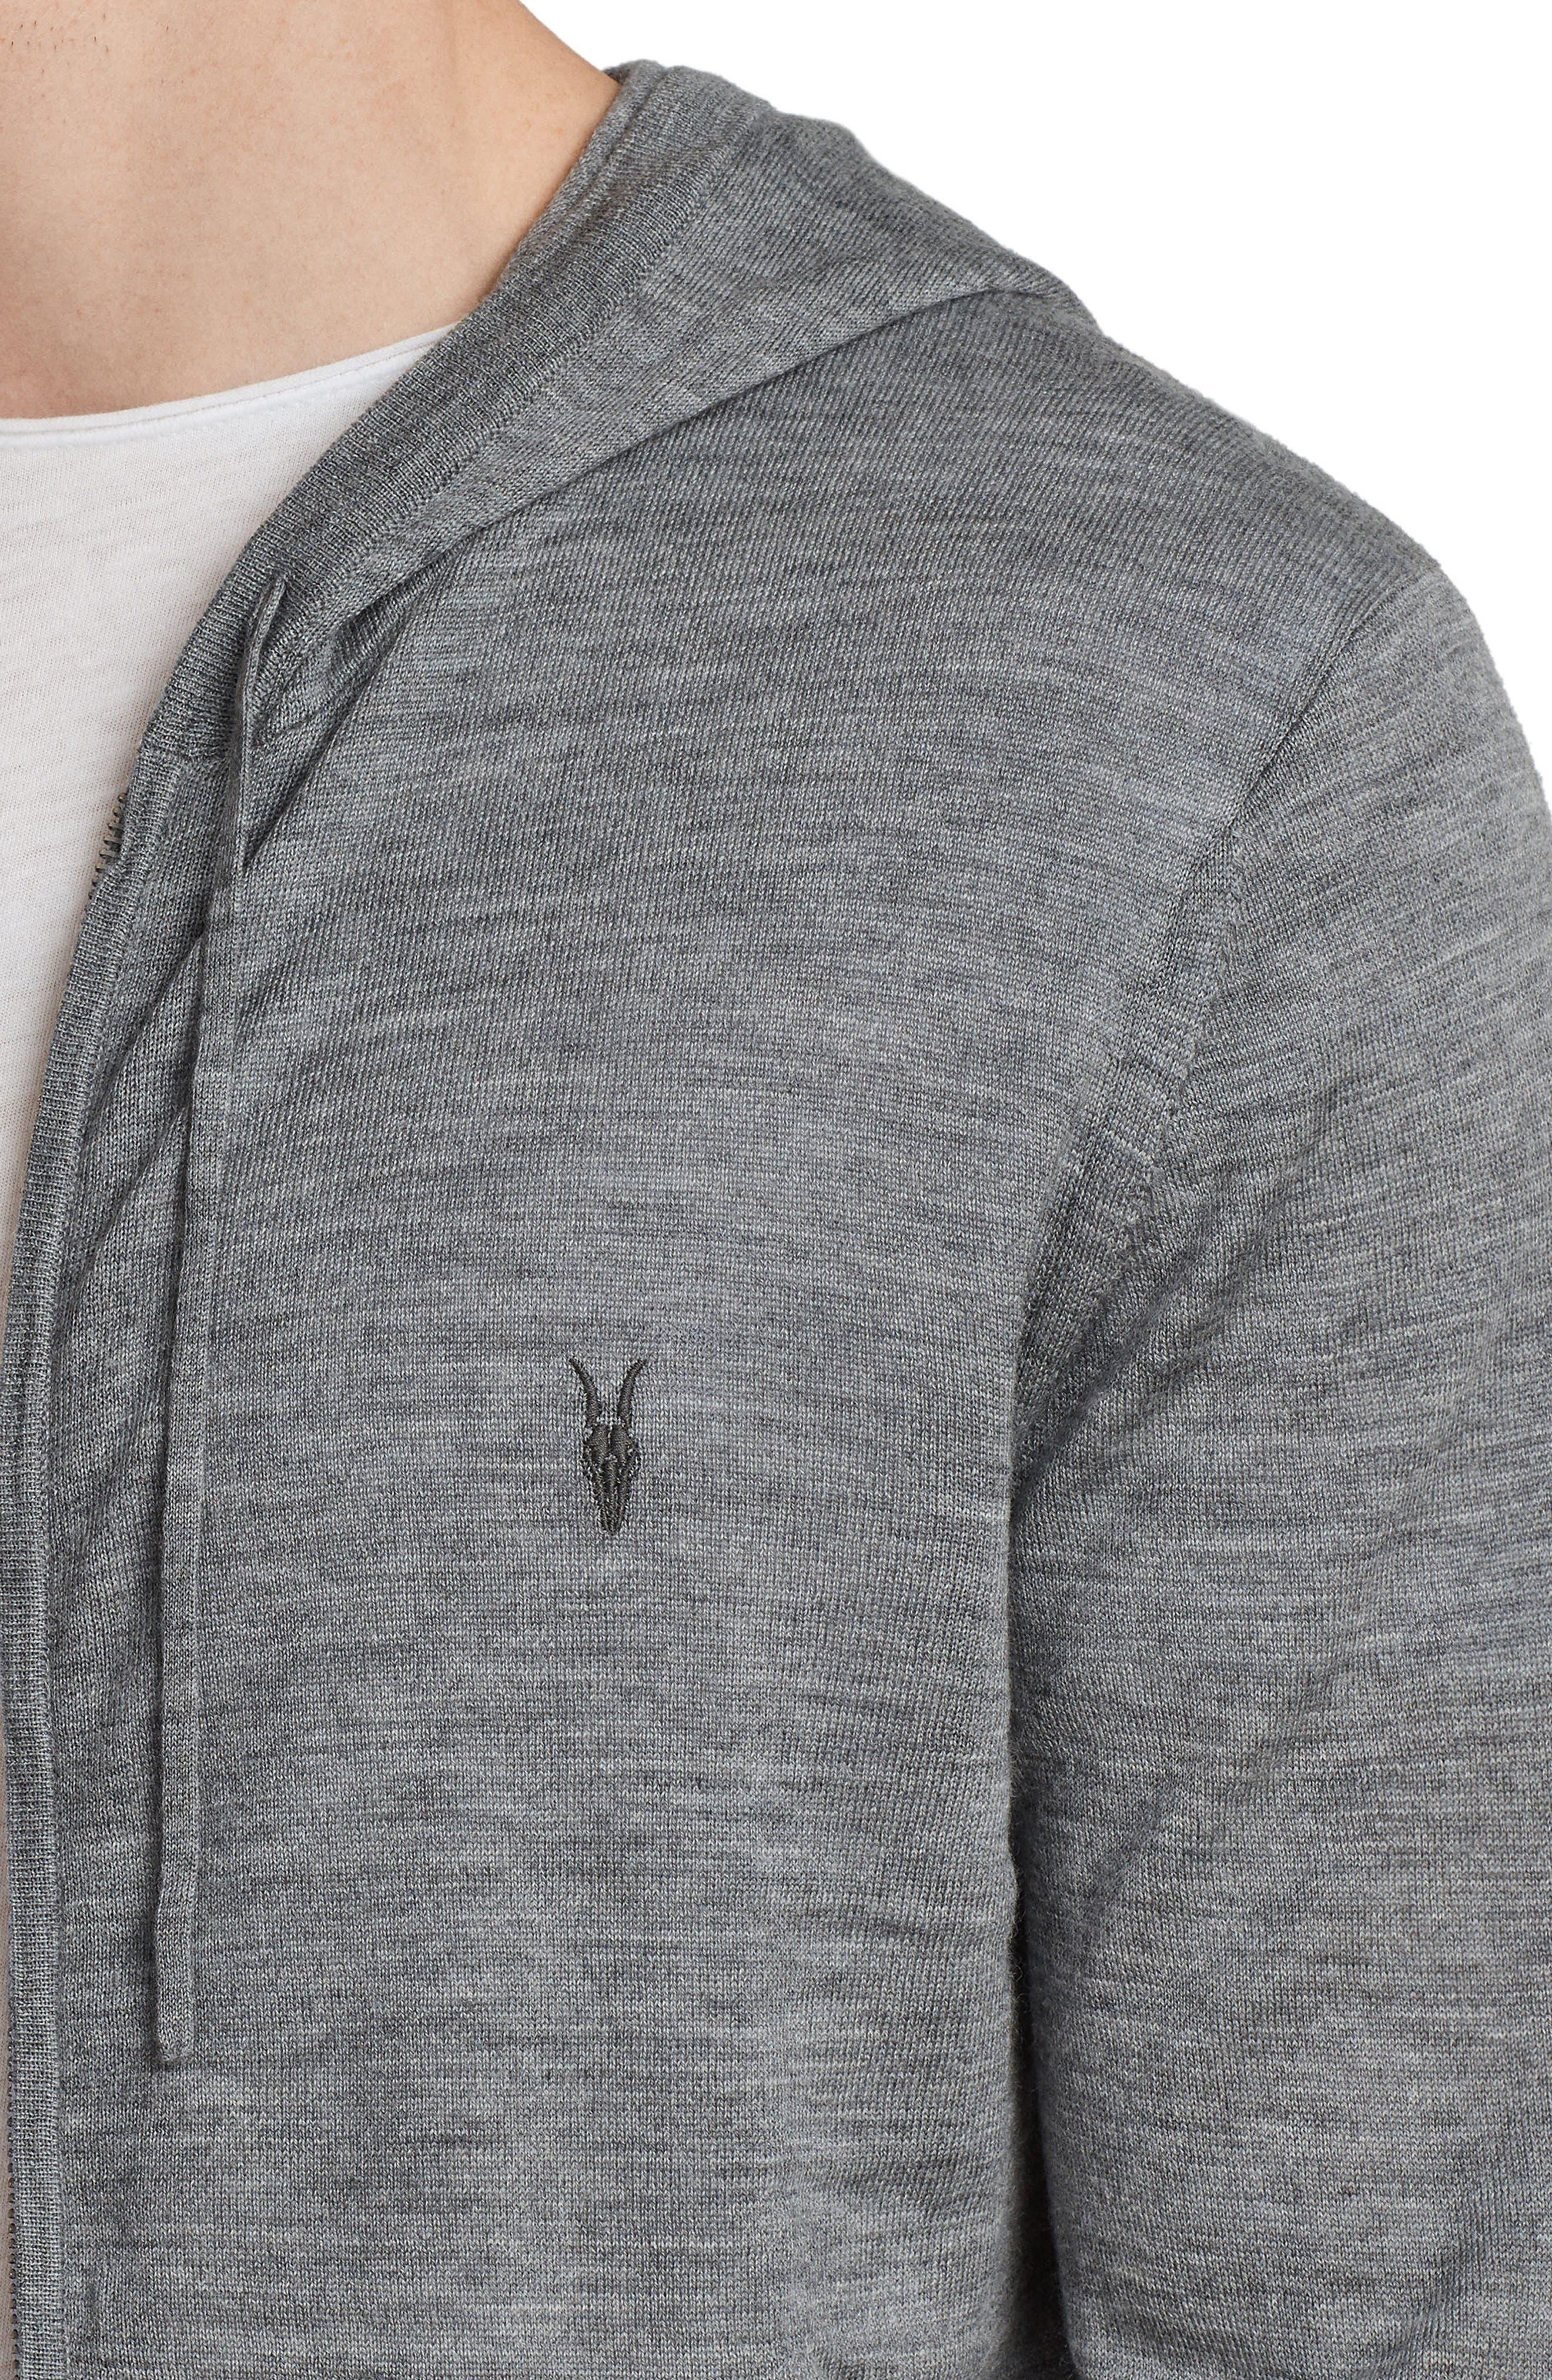 Mode Slim Fit Merino Wool Zip Hoodie,                             Alternate thumbnail 4, color,                             Grey Marl